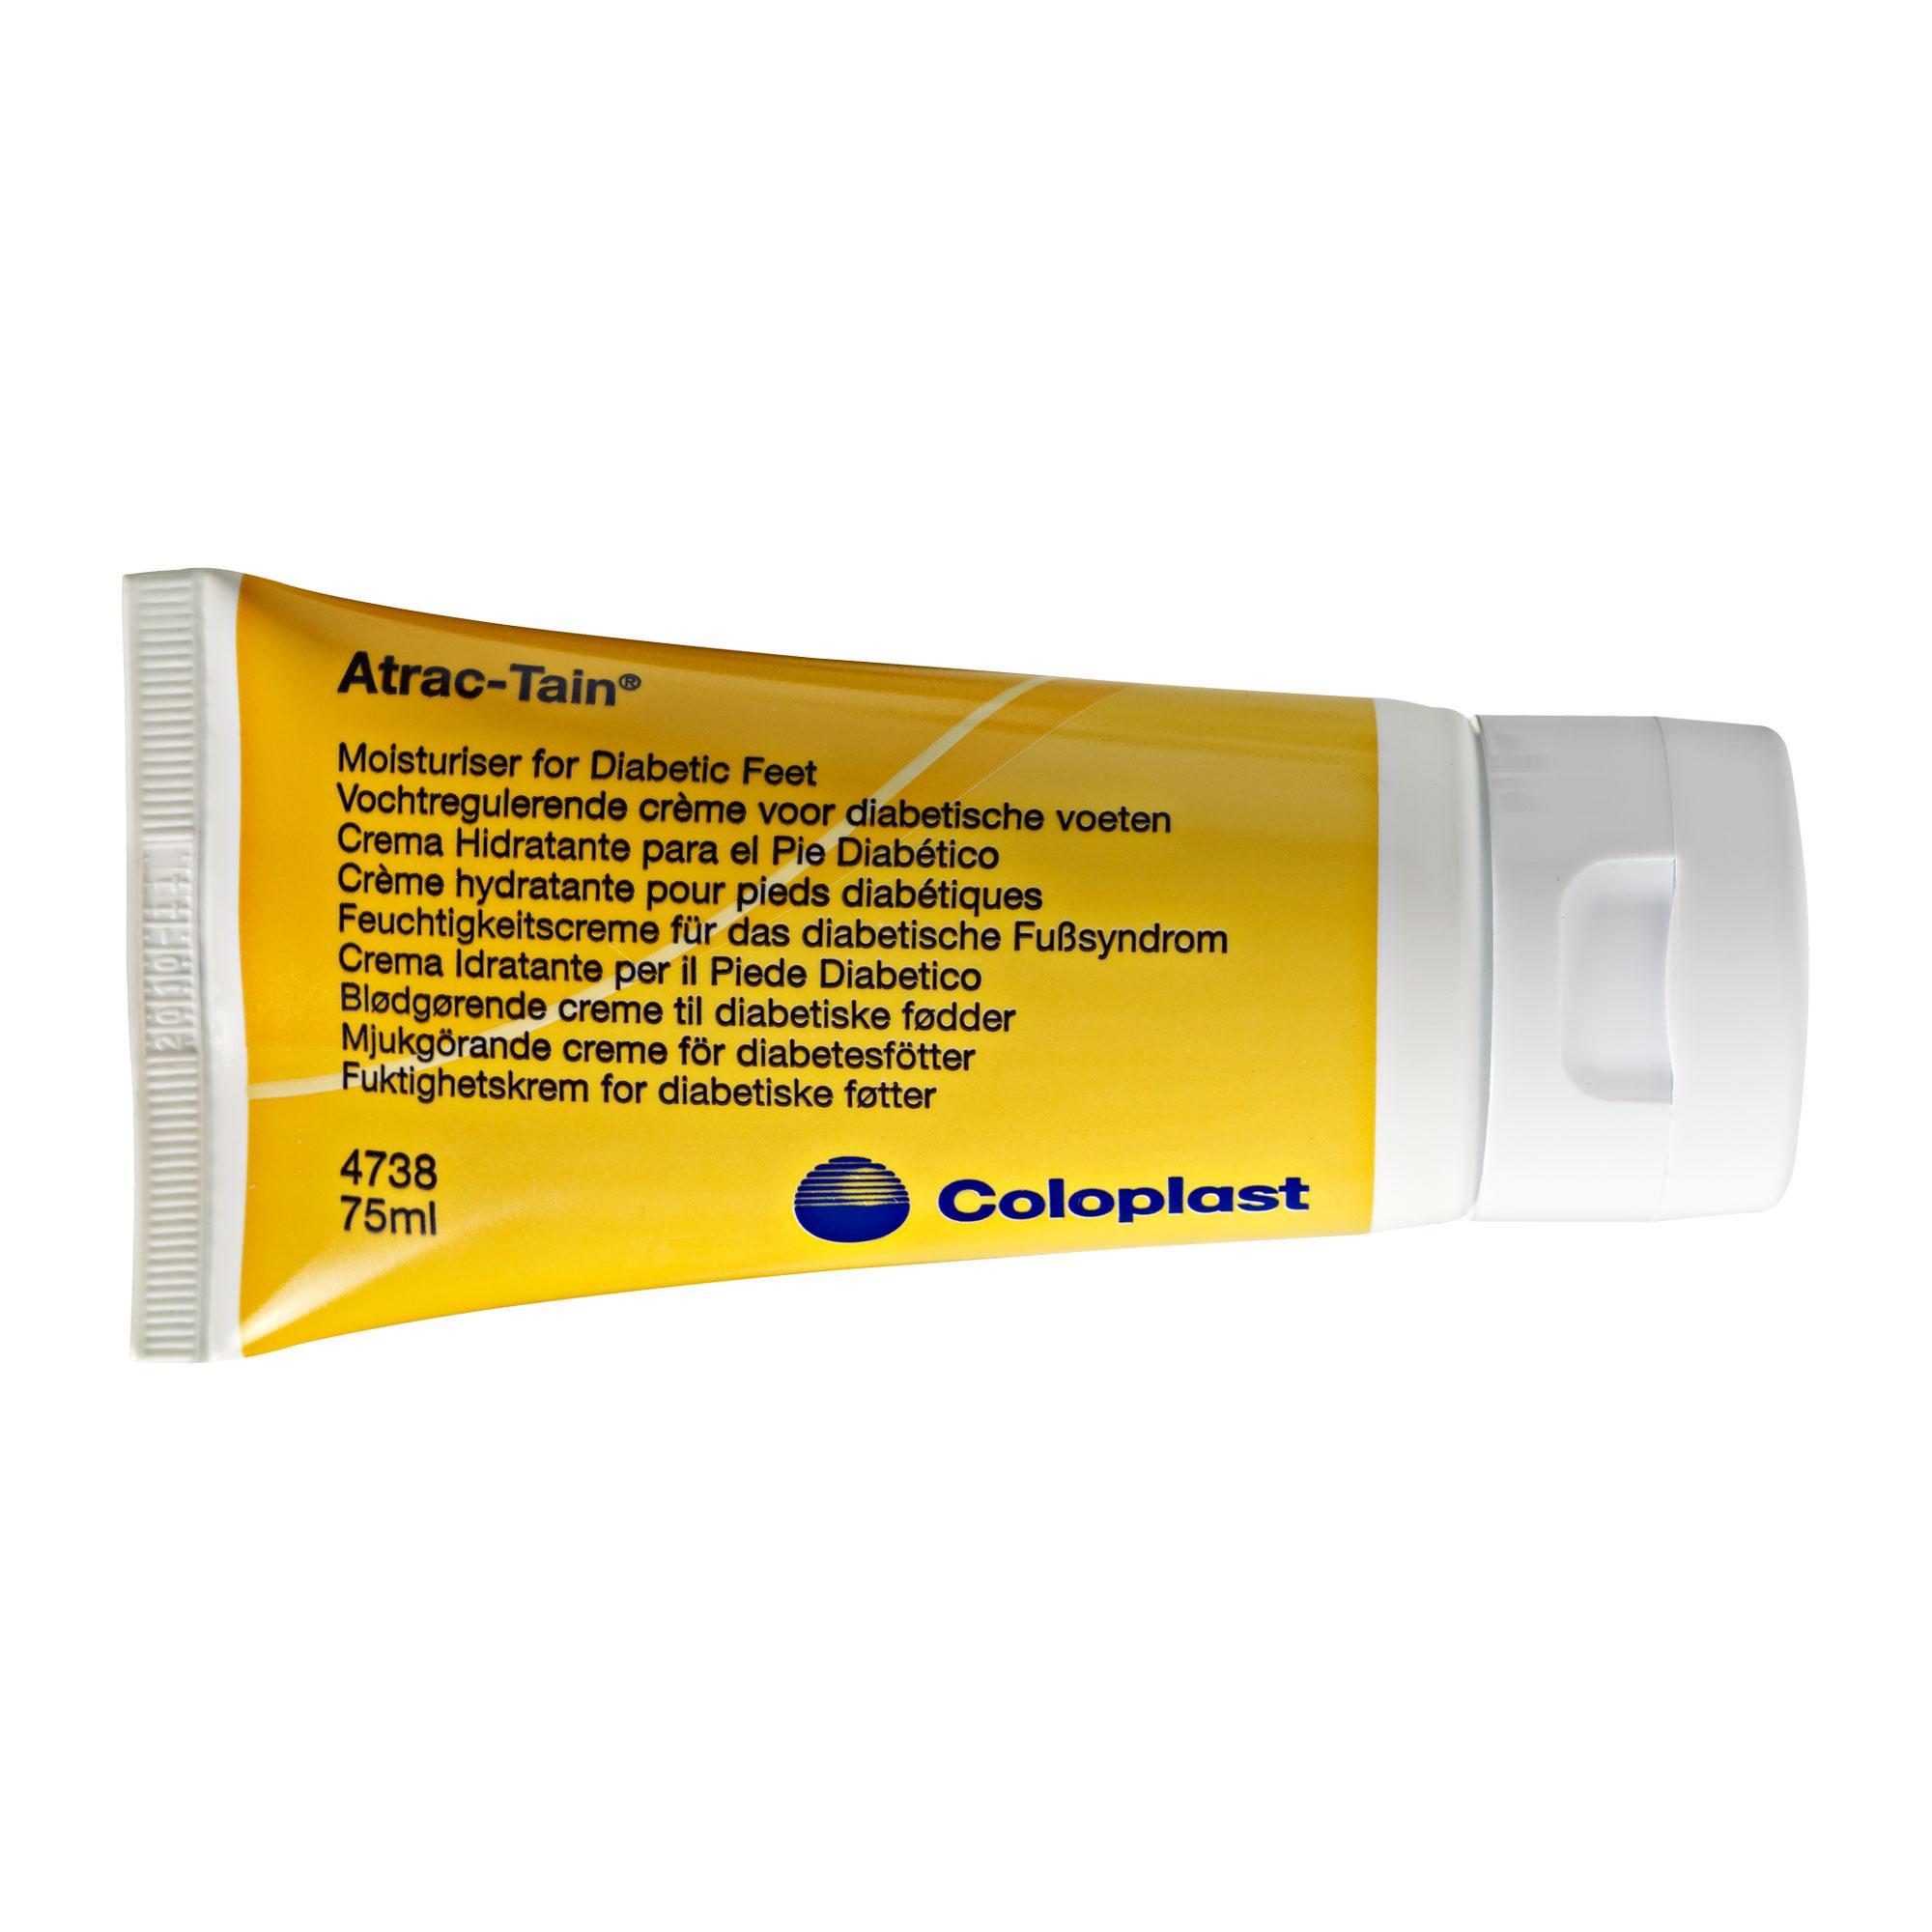 Atrac-Tain Feuchtigkeitscreme